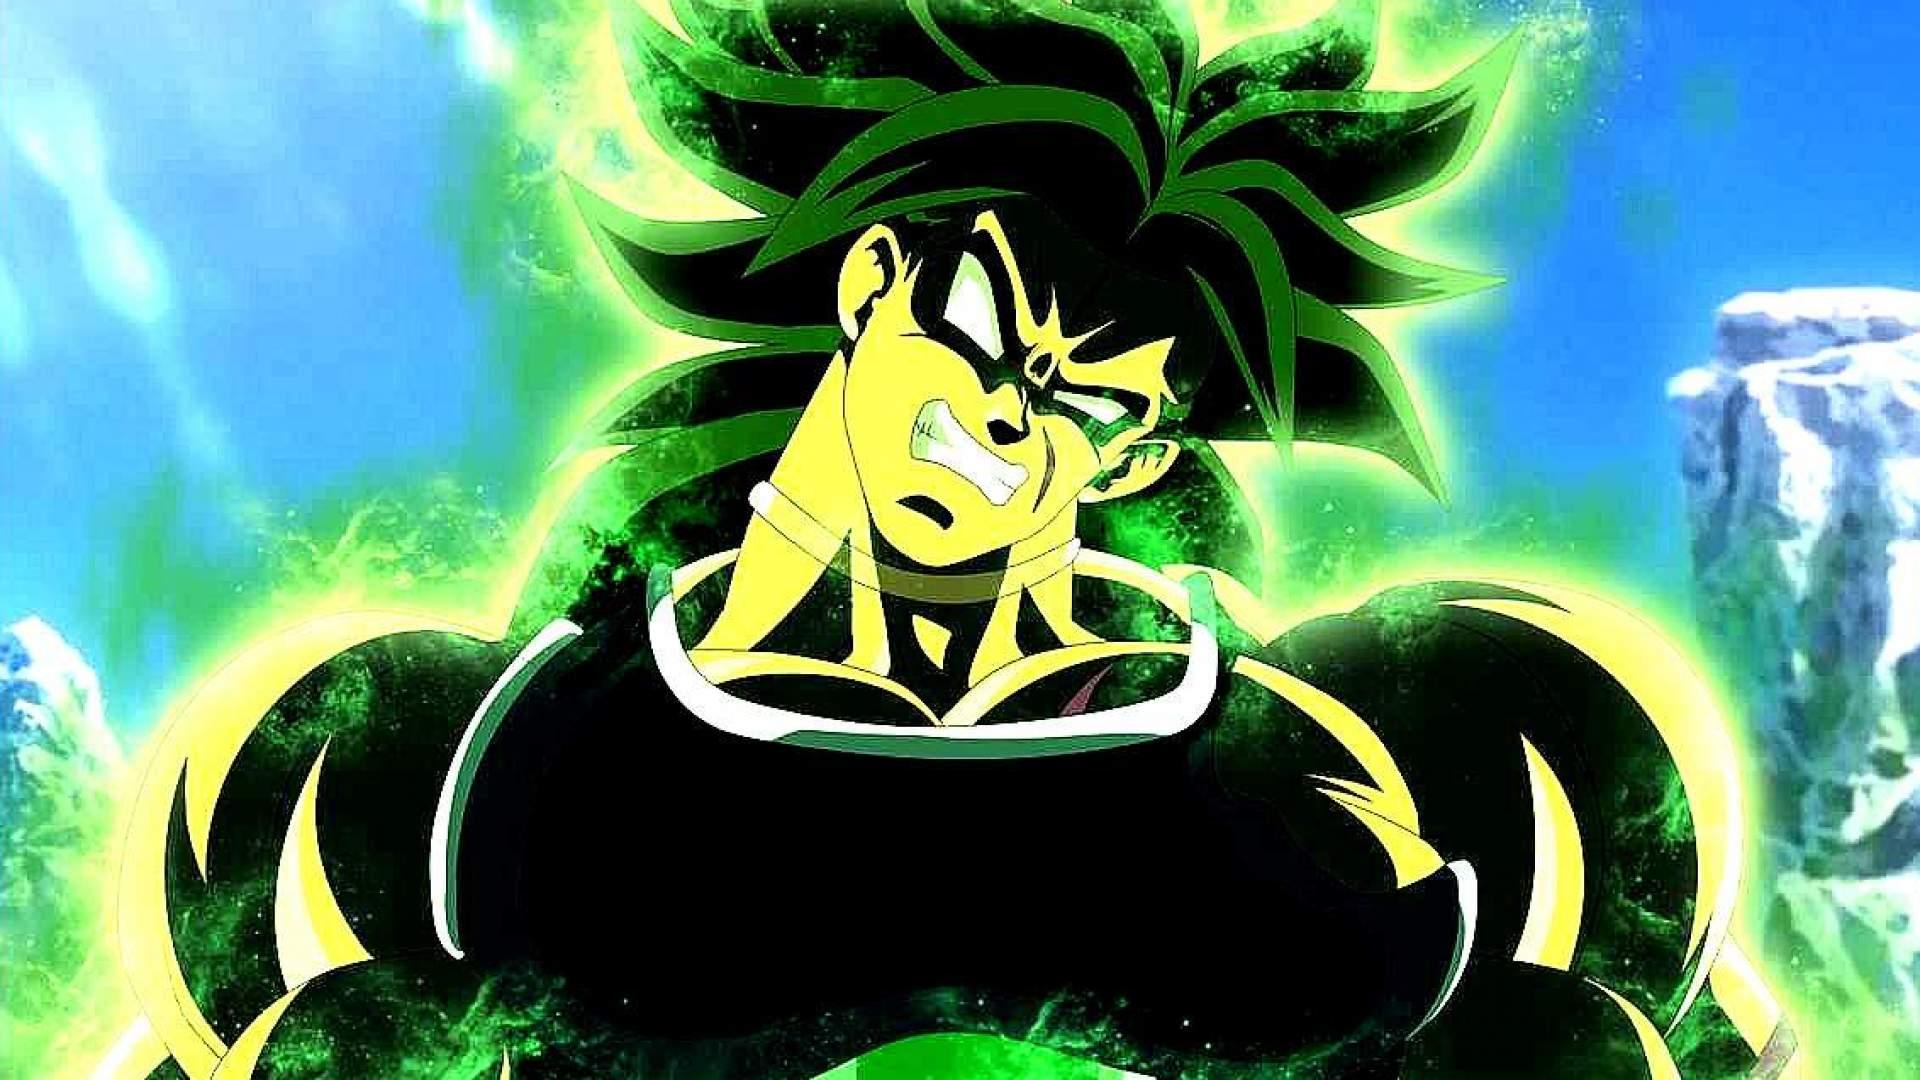 KINO-START: Läuft 'Dragon Ball Super: Broly' in deinem Kino? Hier überprüfen